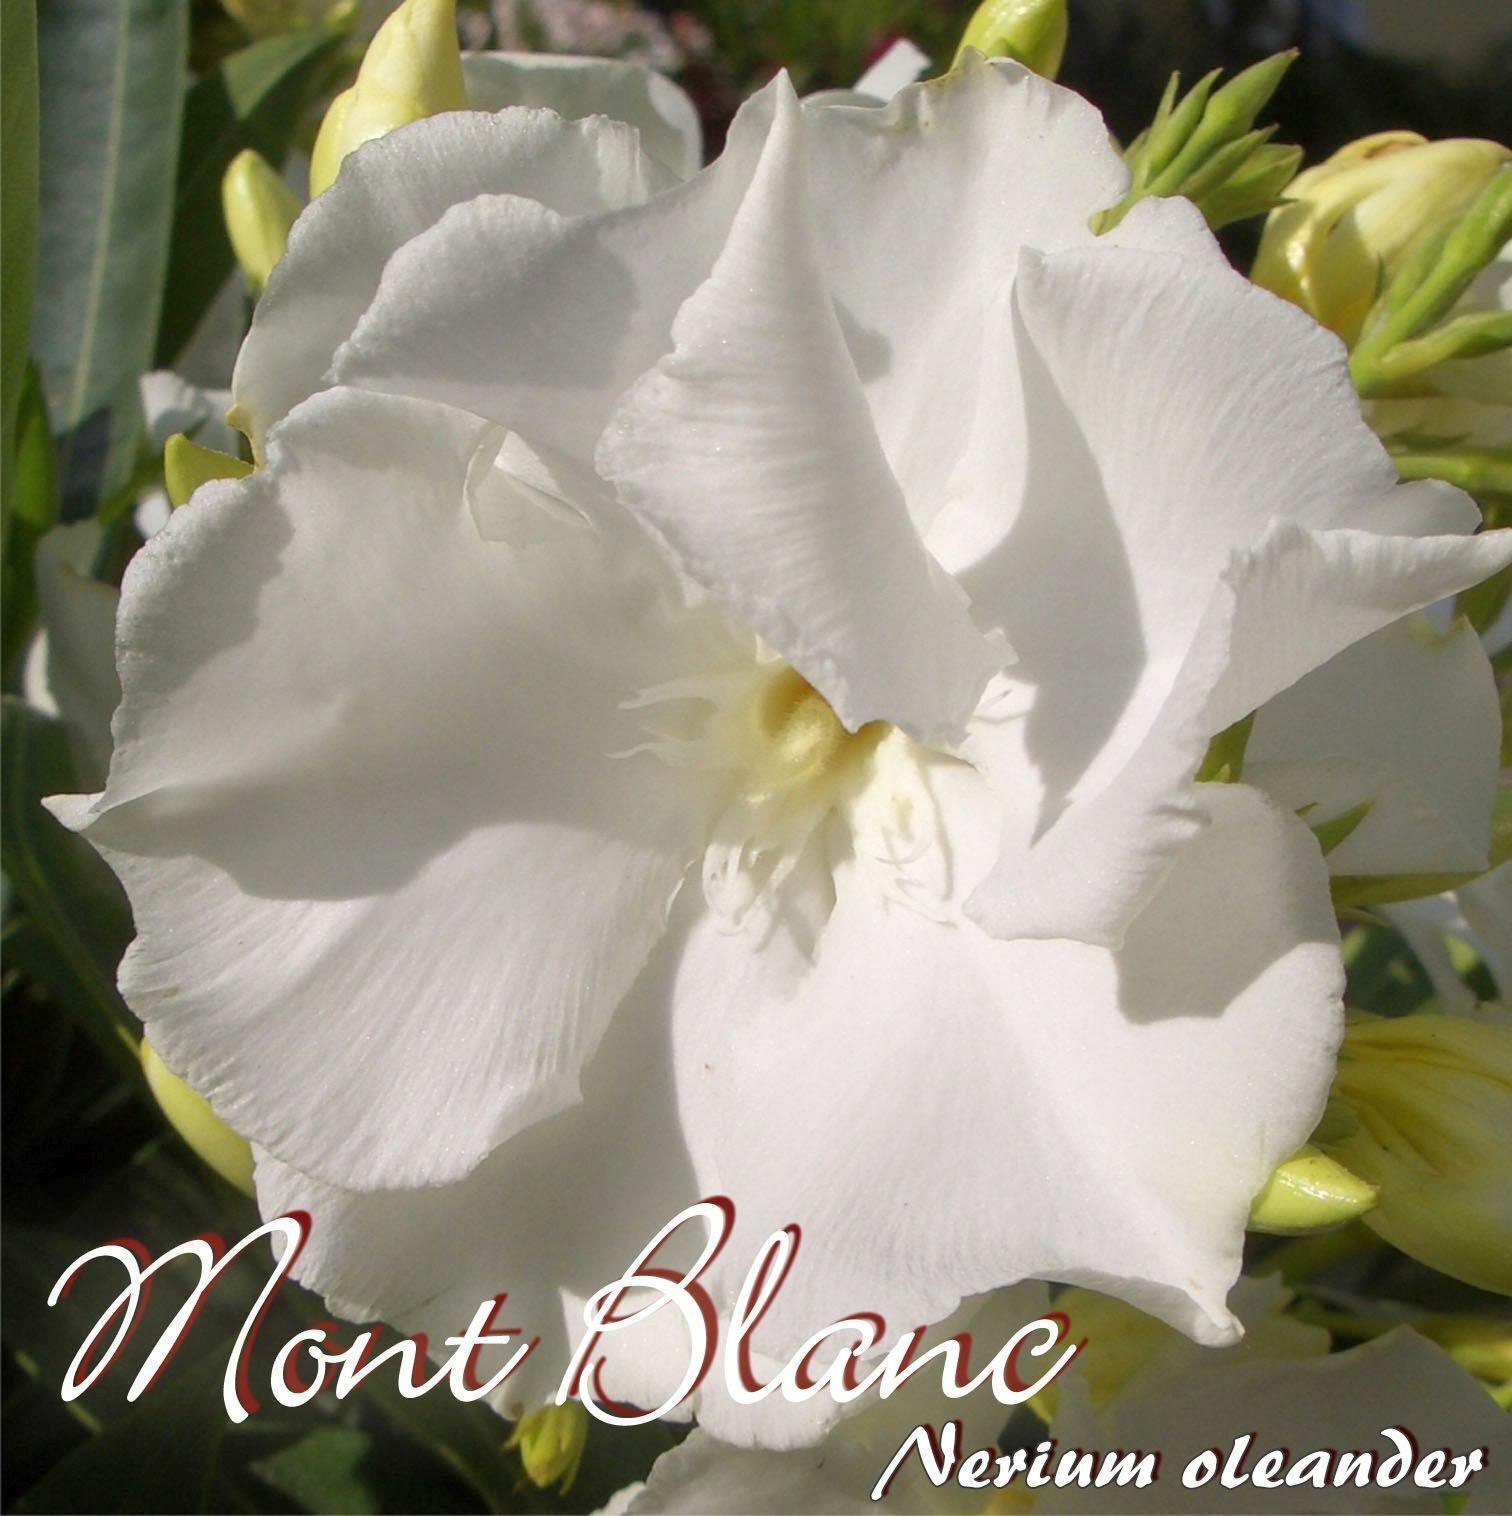 Adelfas  Mont blanco  - Nerium Adelfas - Talla C08